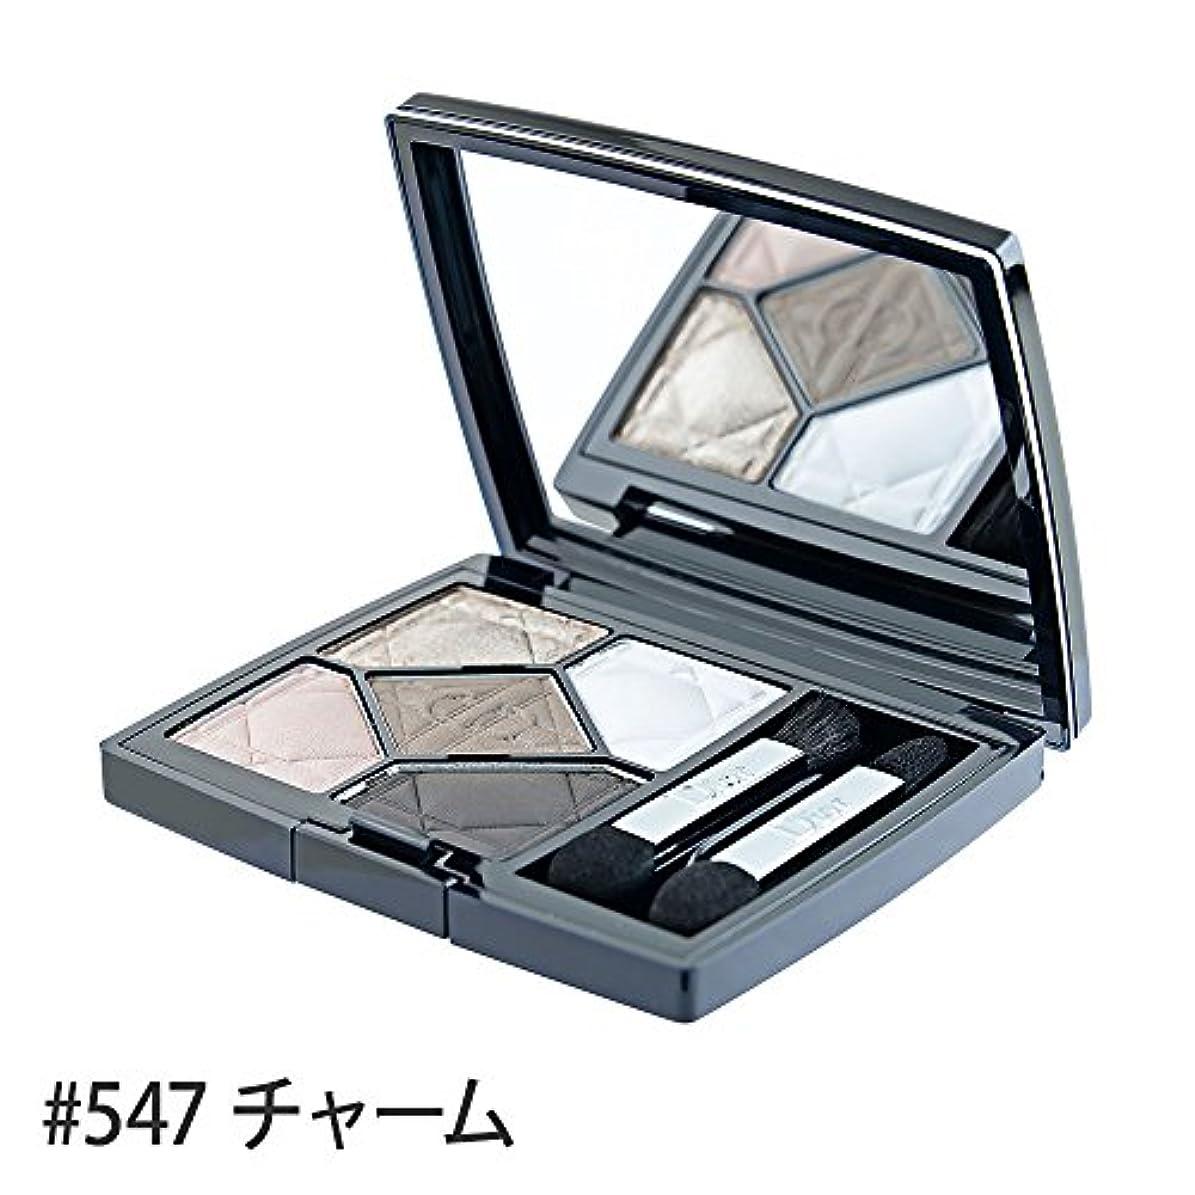 ディオール(Dior) サンク クルール #547(チャーム) 6g [並行輸入品]